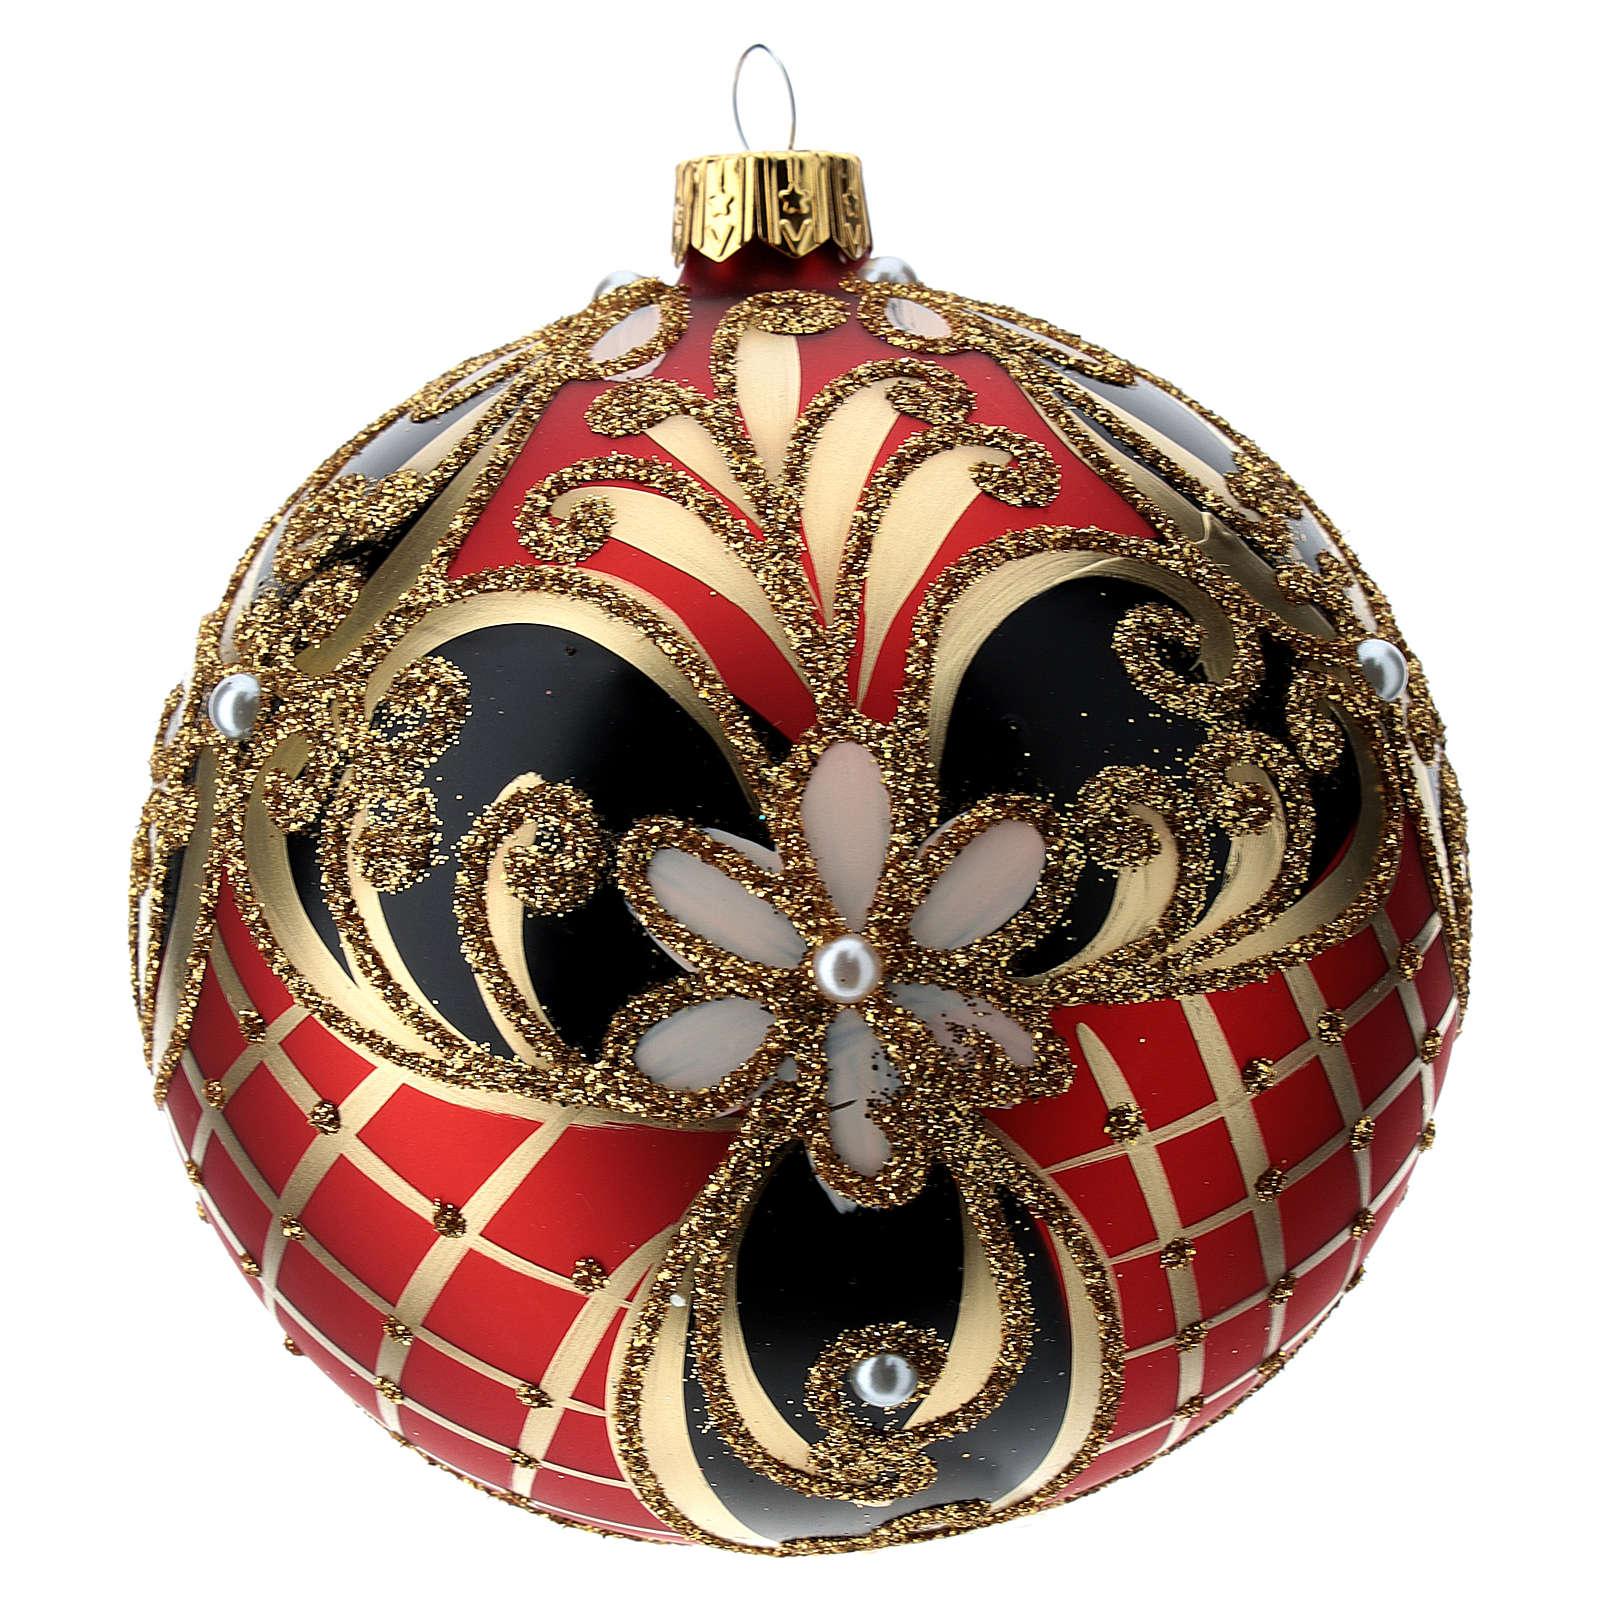 Weihnachtsbaumkugel aus Glas Grundton Rot mit blauen und goldenen floralen Motiven 100 mm 4